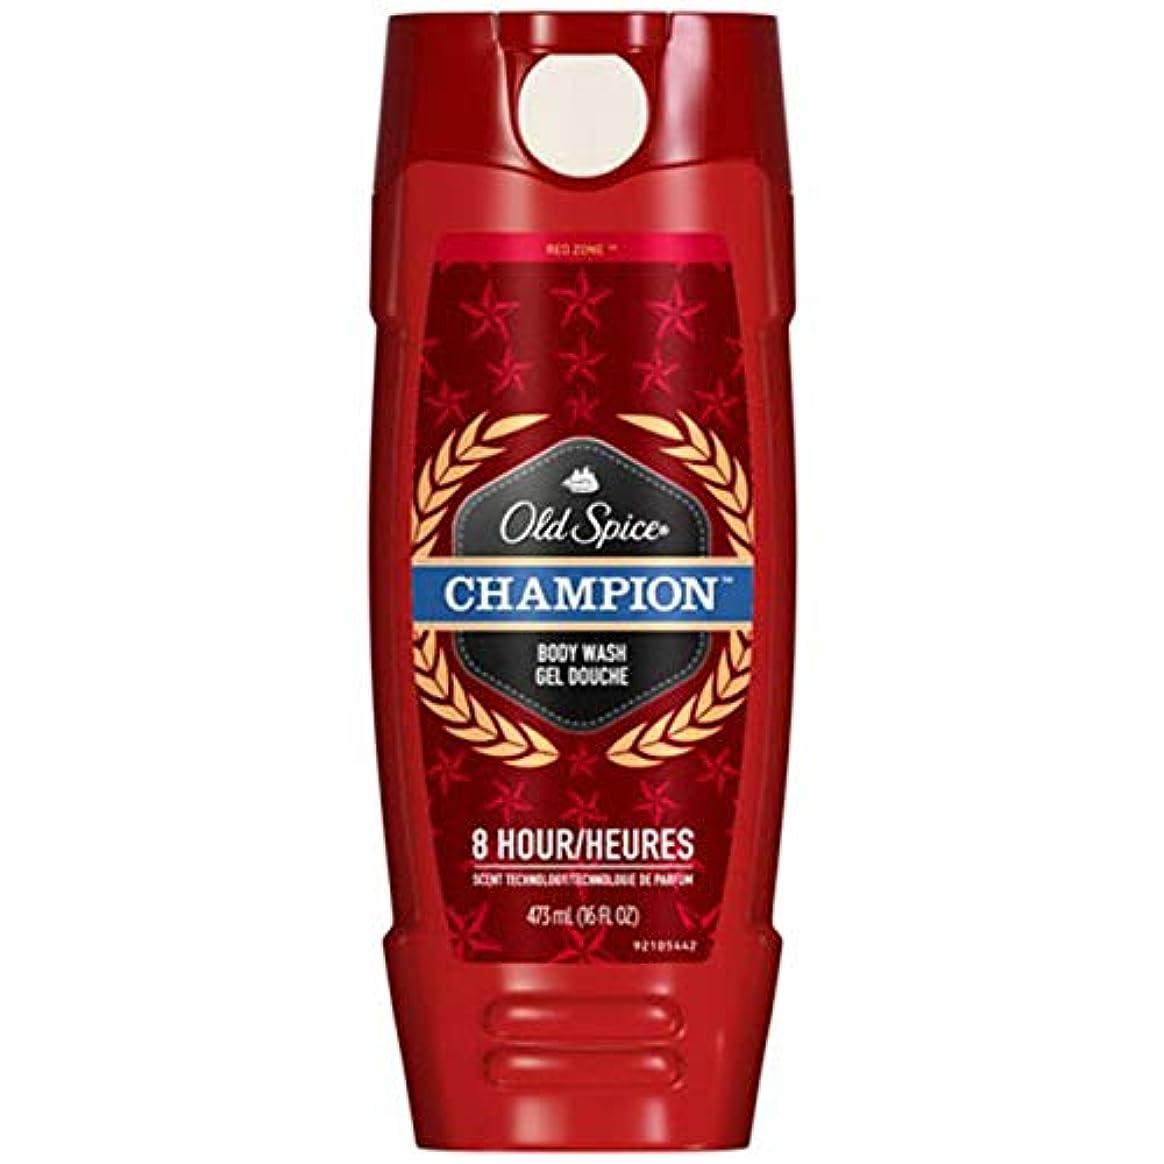 機知に富んだ潮残酷Old Spice オールドスパイス ボディーウォッシュジェル Red Zone Body Wash GEL 473ml 並行輸入品 (CHAMPION/チャンピオン) [並行輸入品]